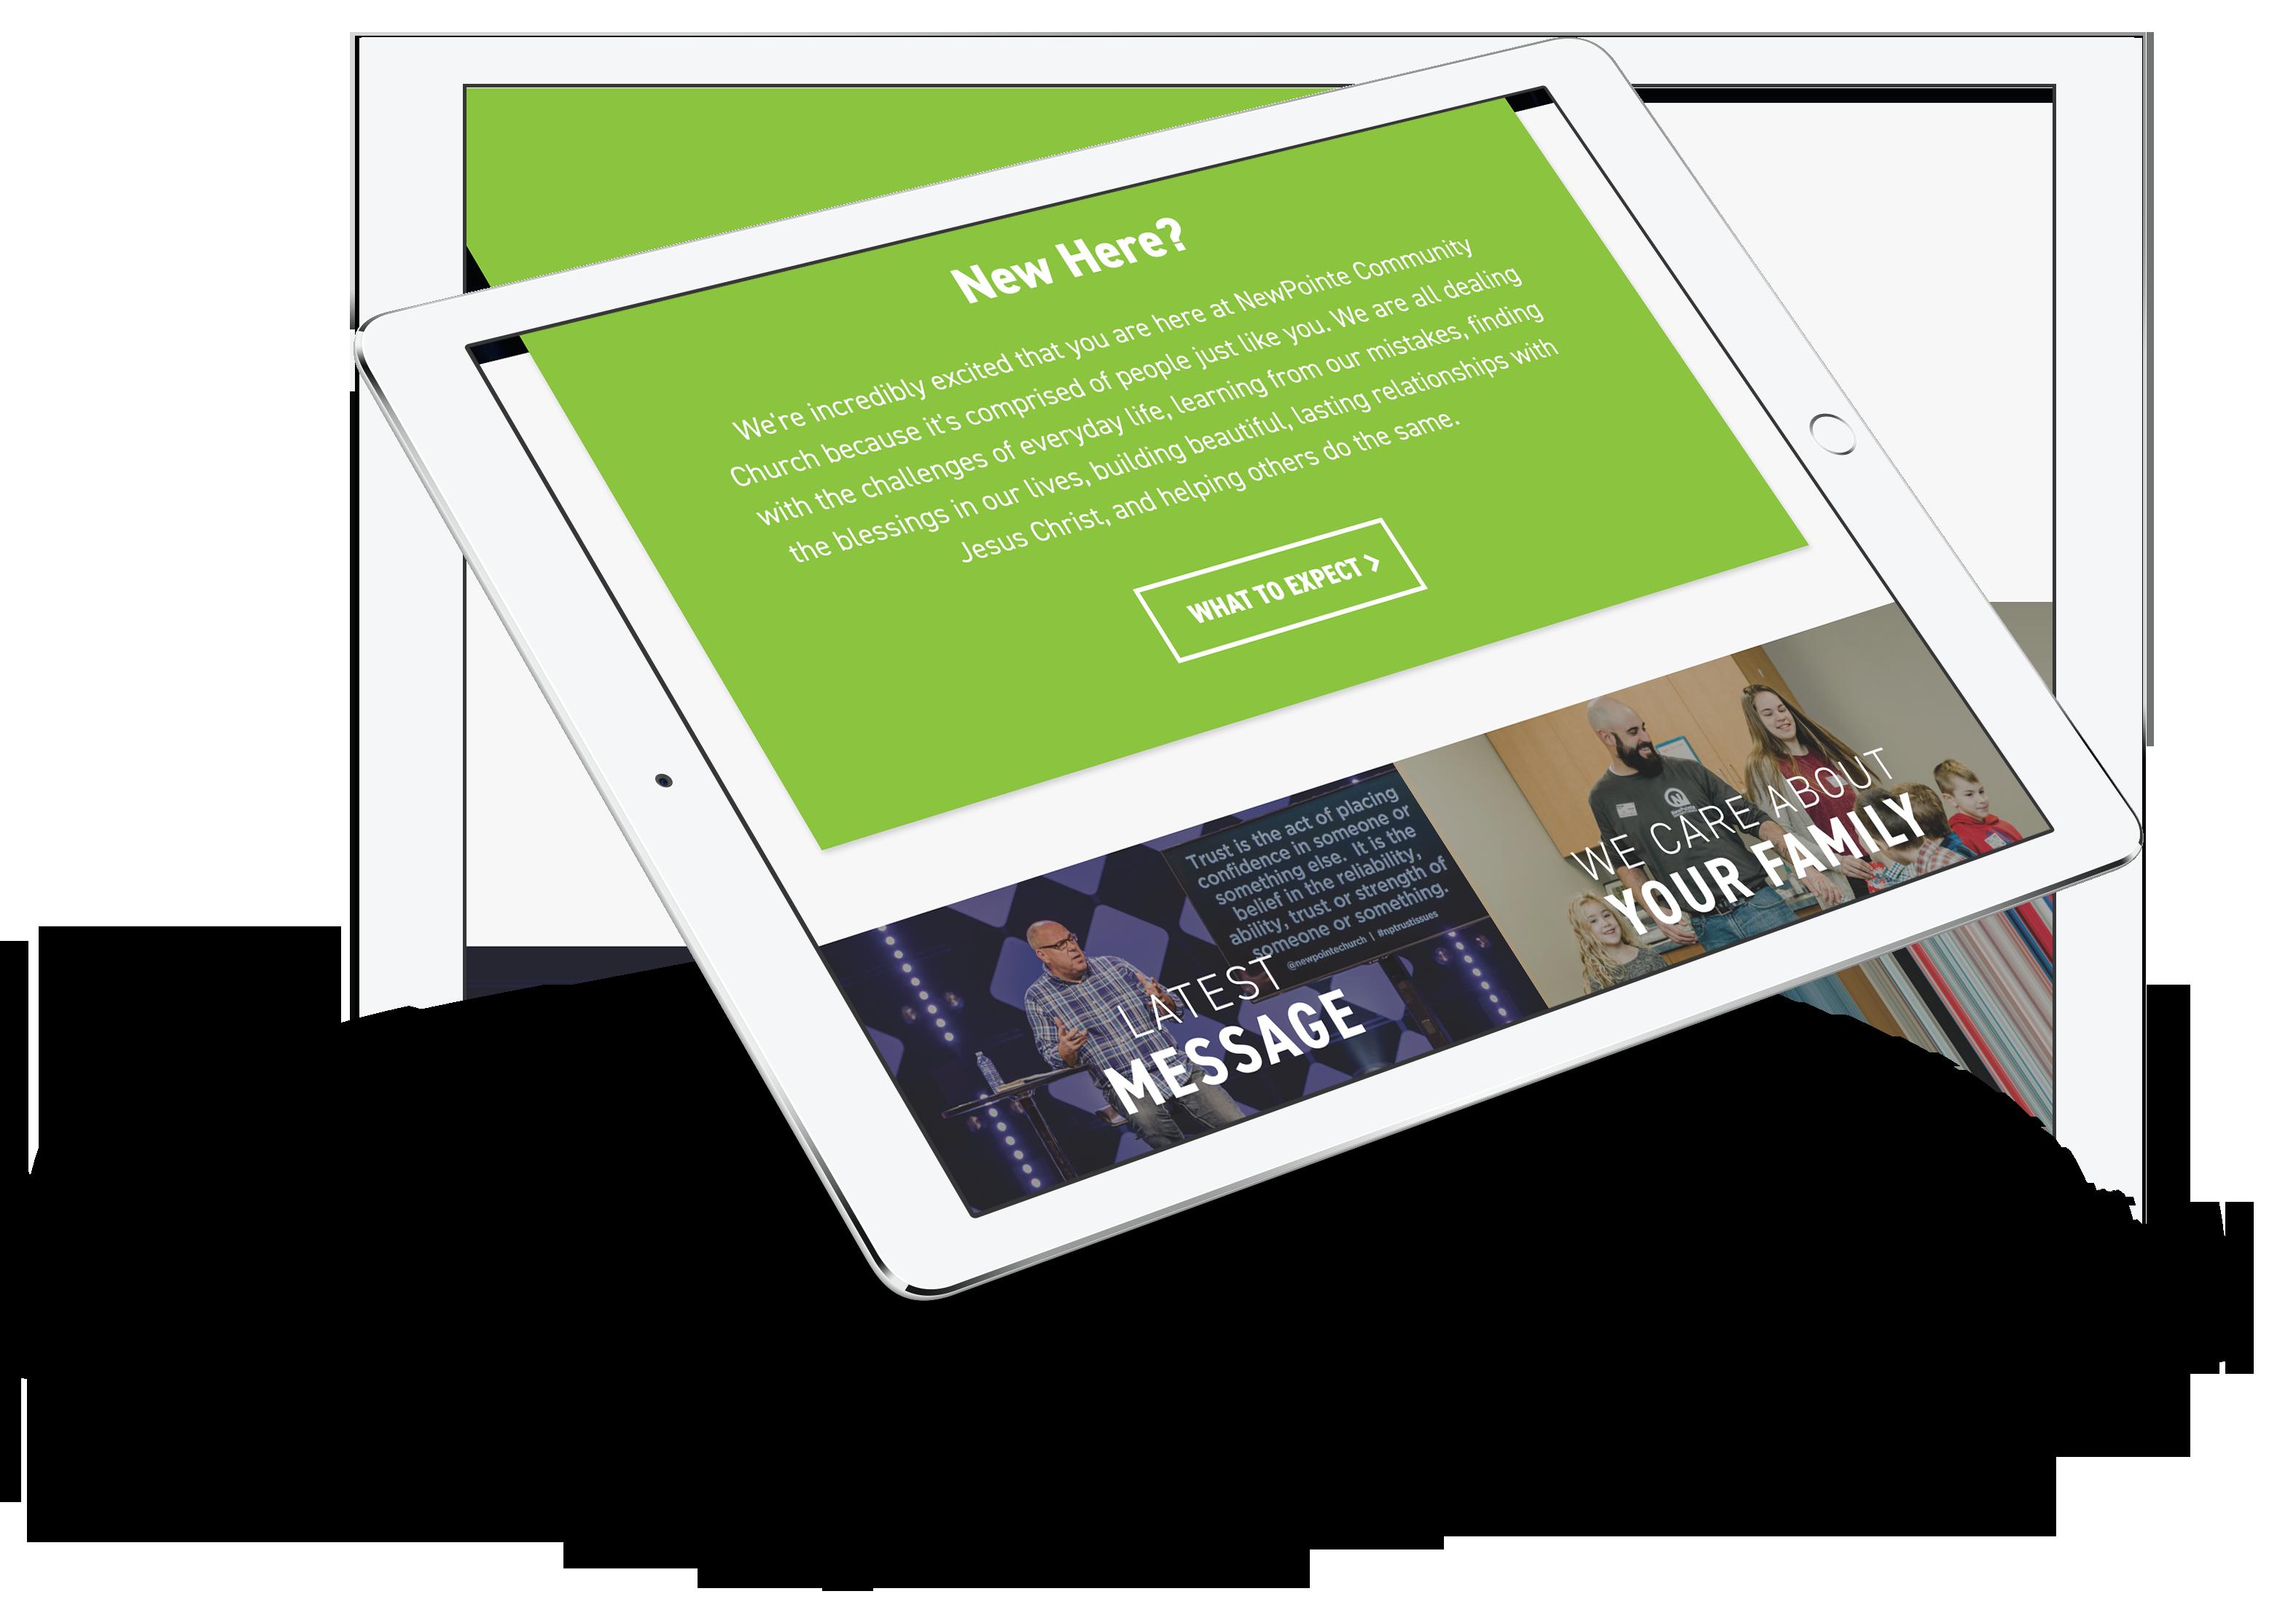 NPCC_iPadAir2Mockup_Landscape